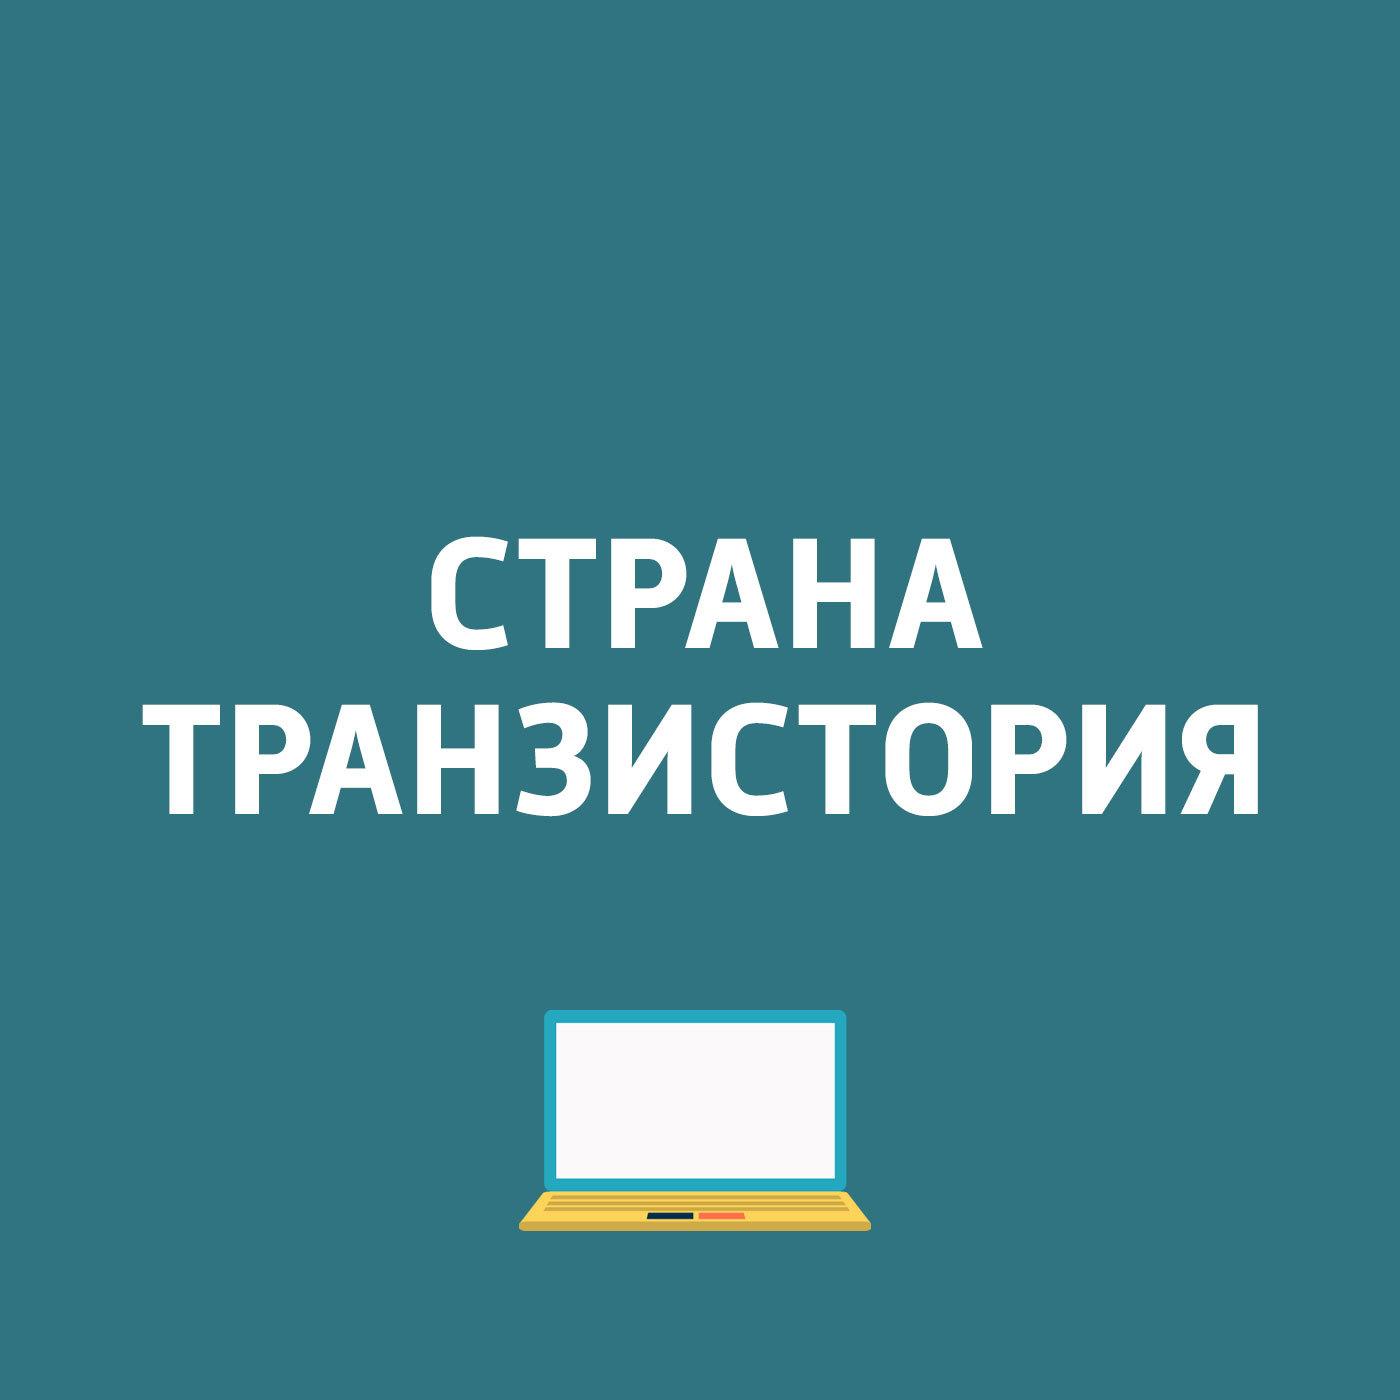 Картаев Павел Xperia XA Ultra; «Яндекс.Навигатор» предупредит о превышении скорости; Запуск Pokemon GO в России отложен... картаев павел cubot max с 6 дюймовым экраном сбербанк и pokemon go яндекс перебрался в часы